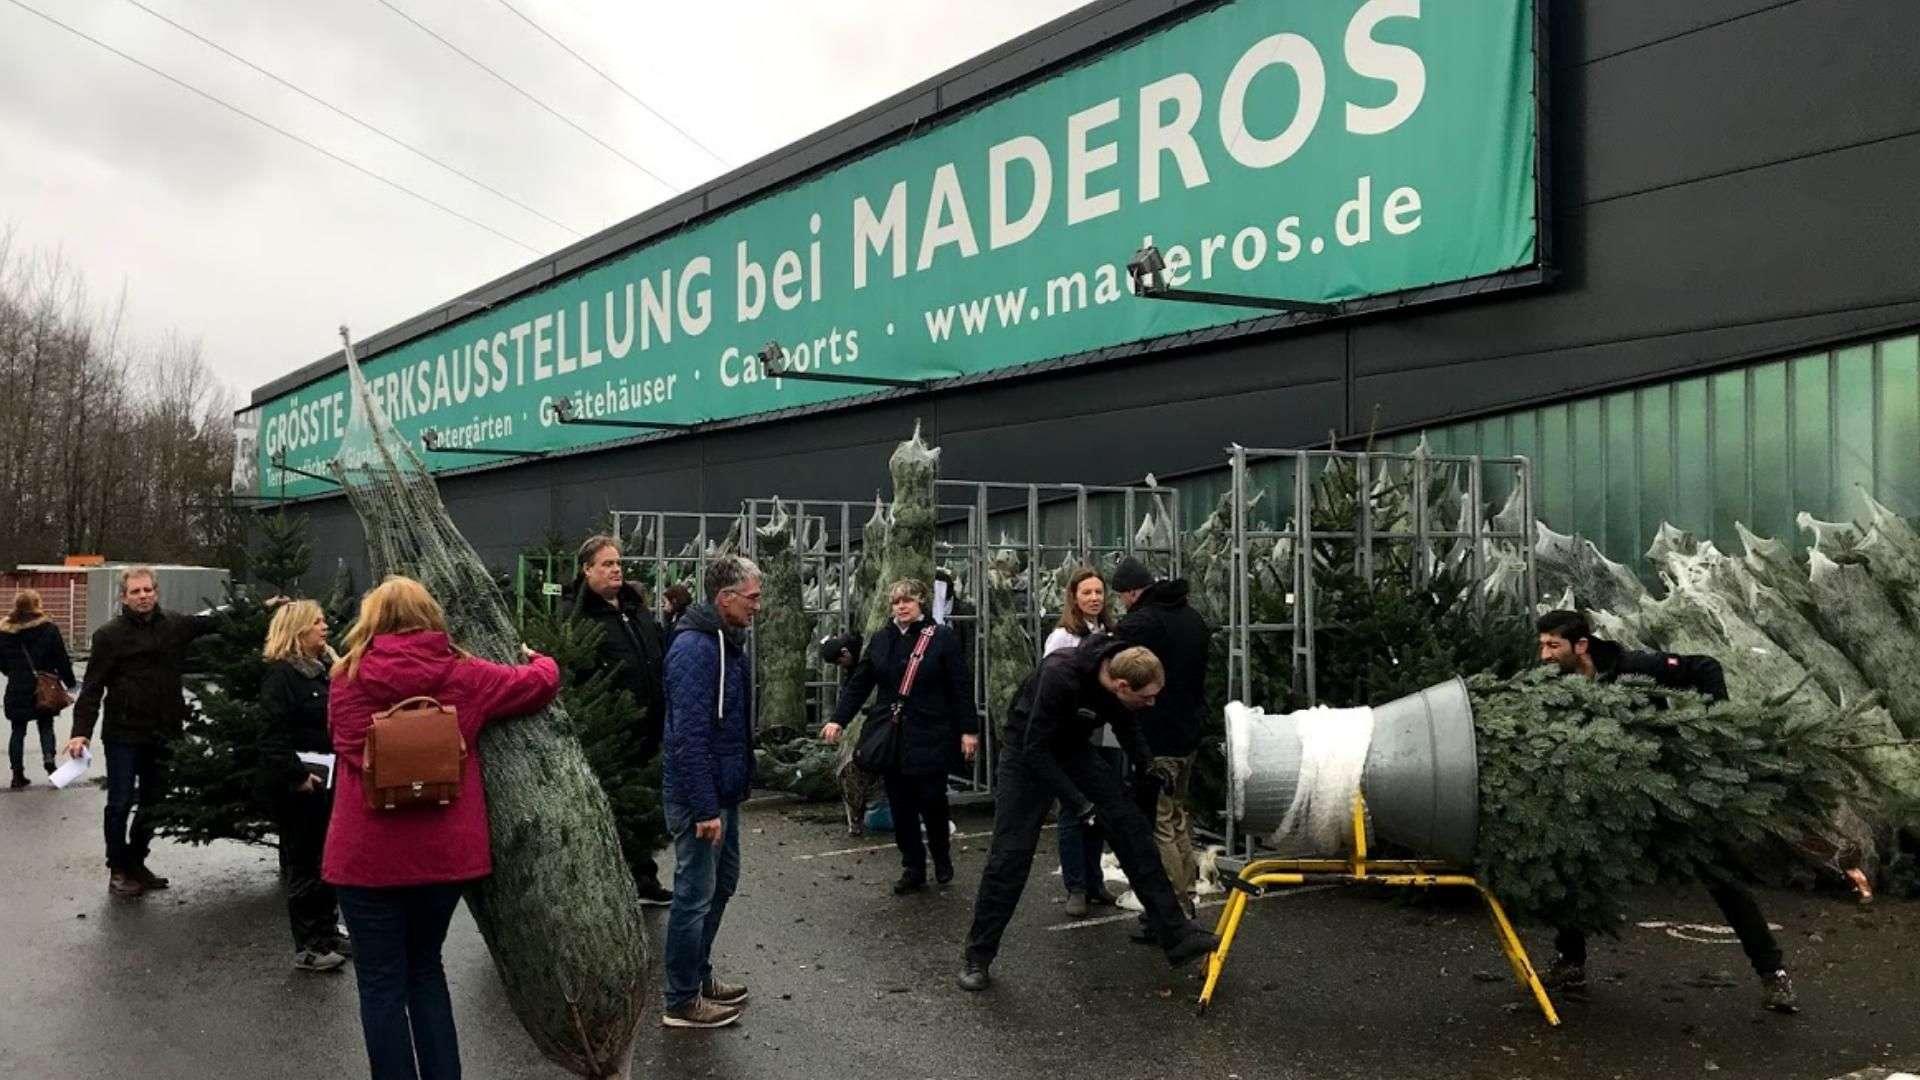 Tannenbaumverkauf vor der Ausstellung von Maderos in Nenndorf